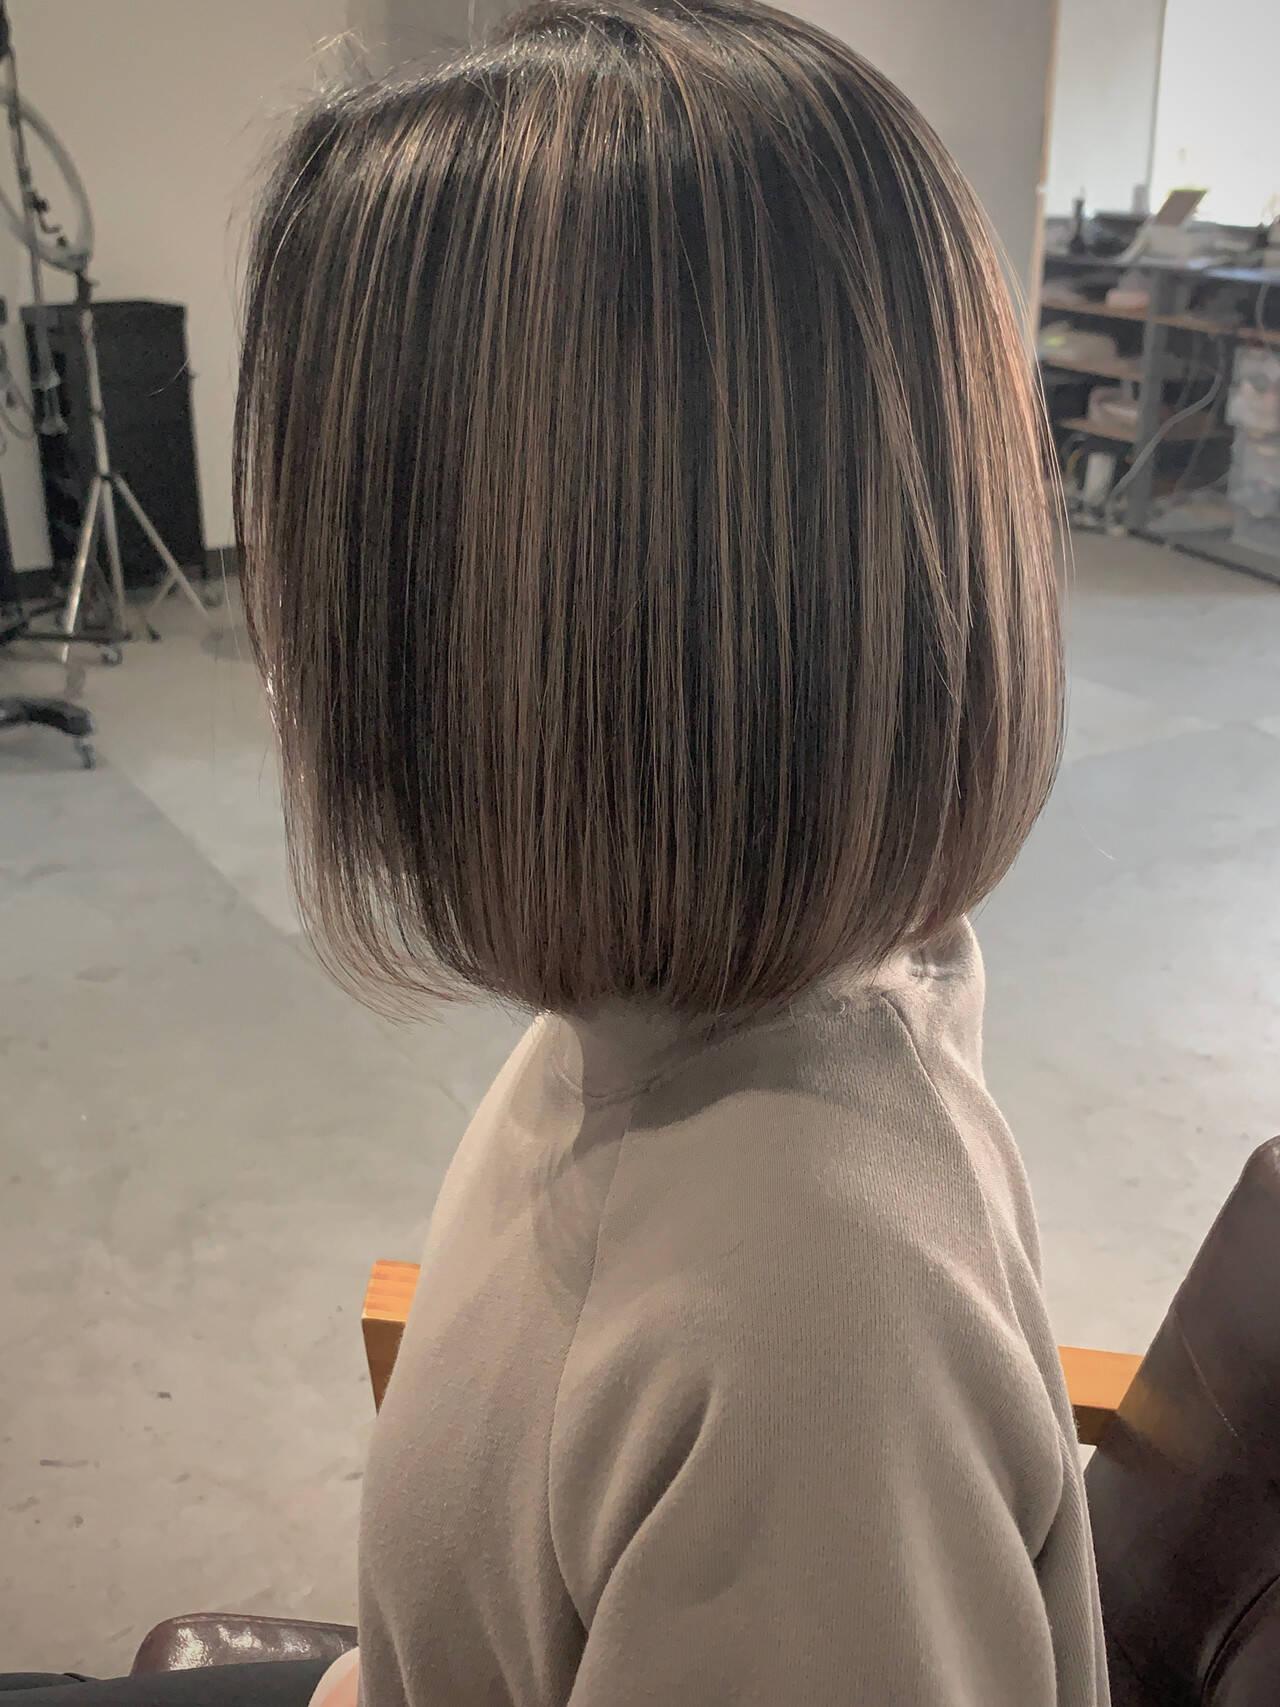 バレイヤージュ 透明感カラー エアータッチ ボブヘアスタイルや髪型の写真・画像